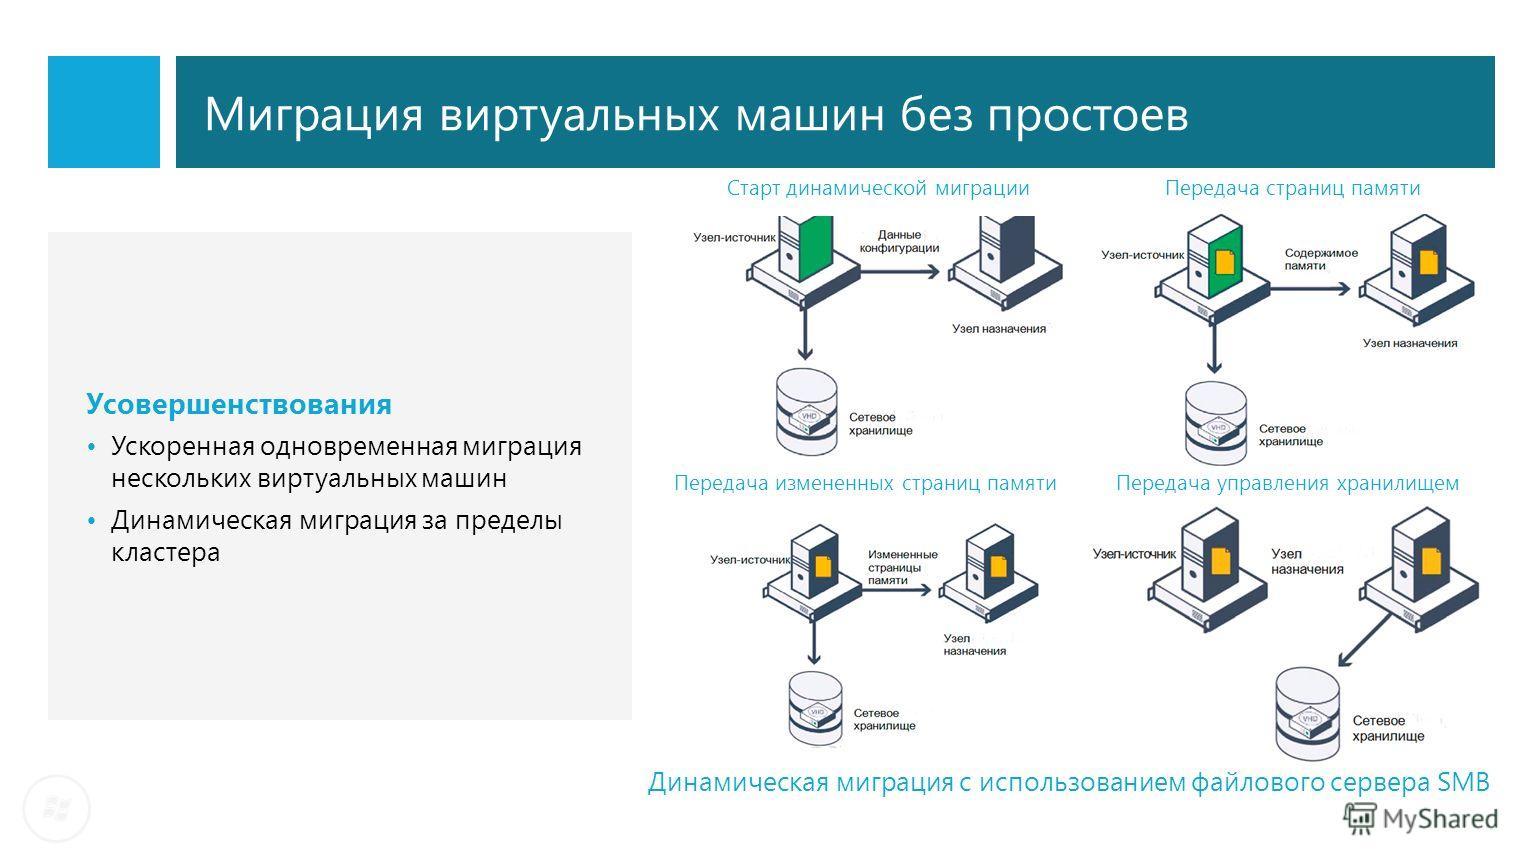 Миграция виртуальных машин без простоев Усовершенствования Ускоренная одновременная миграция нескольких виртуальных машин Динамическая миграция за пределы кластера Старт динамической миграцииПередача страниц памяти Передача измененных страниц памятиП